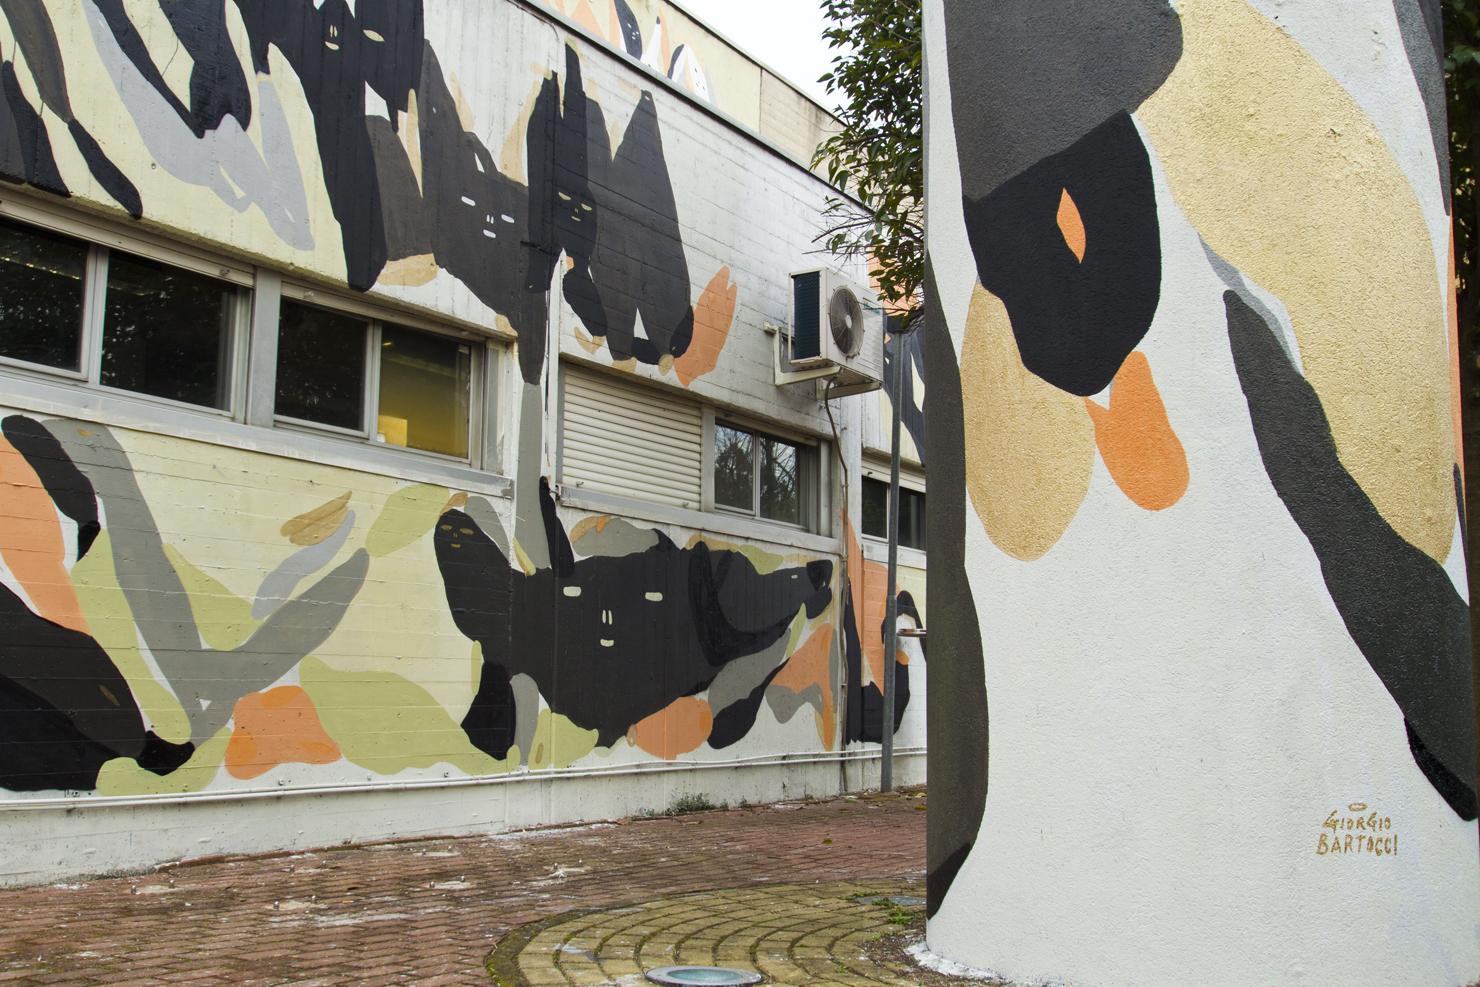 giorgio-bartocci-new-mural-in-monza-18